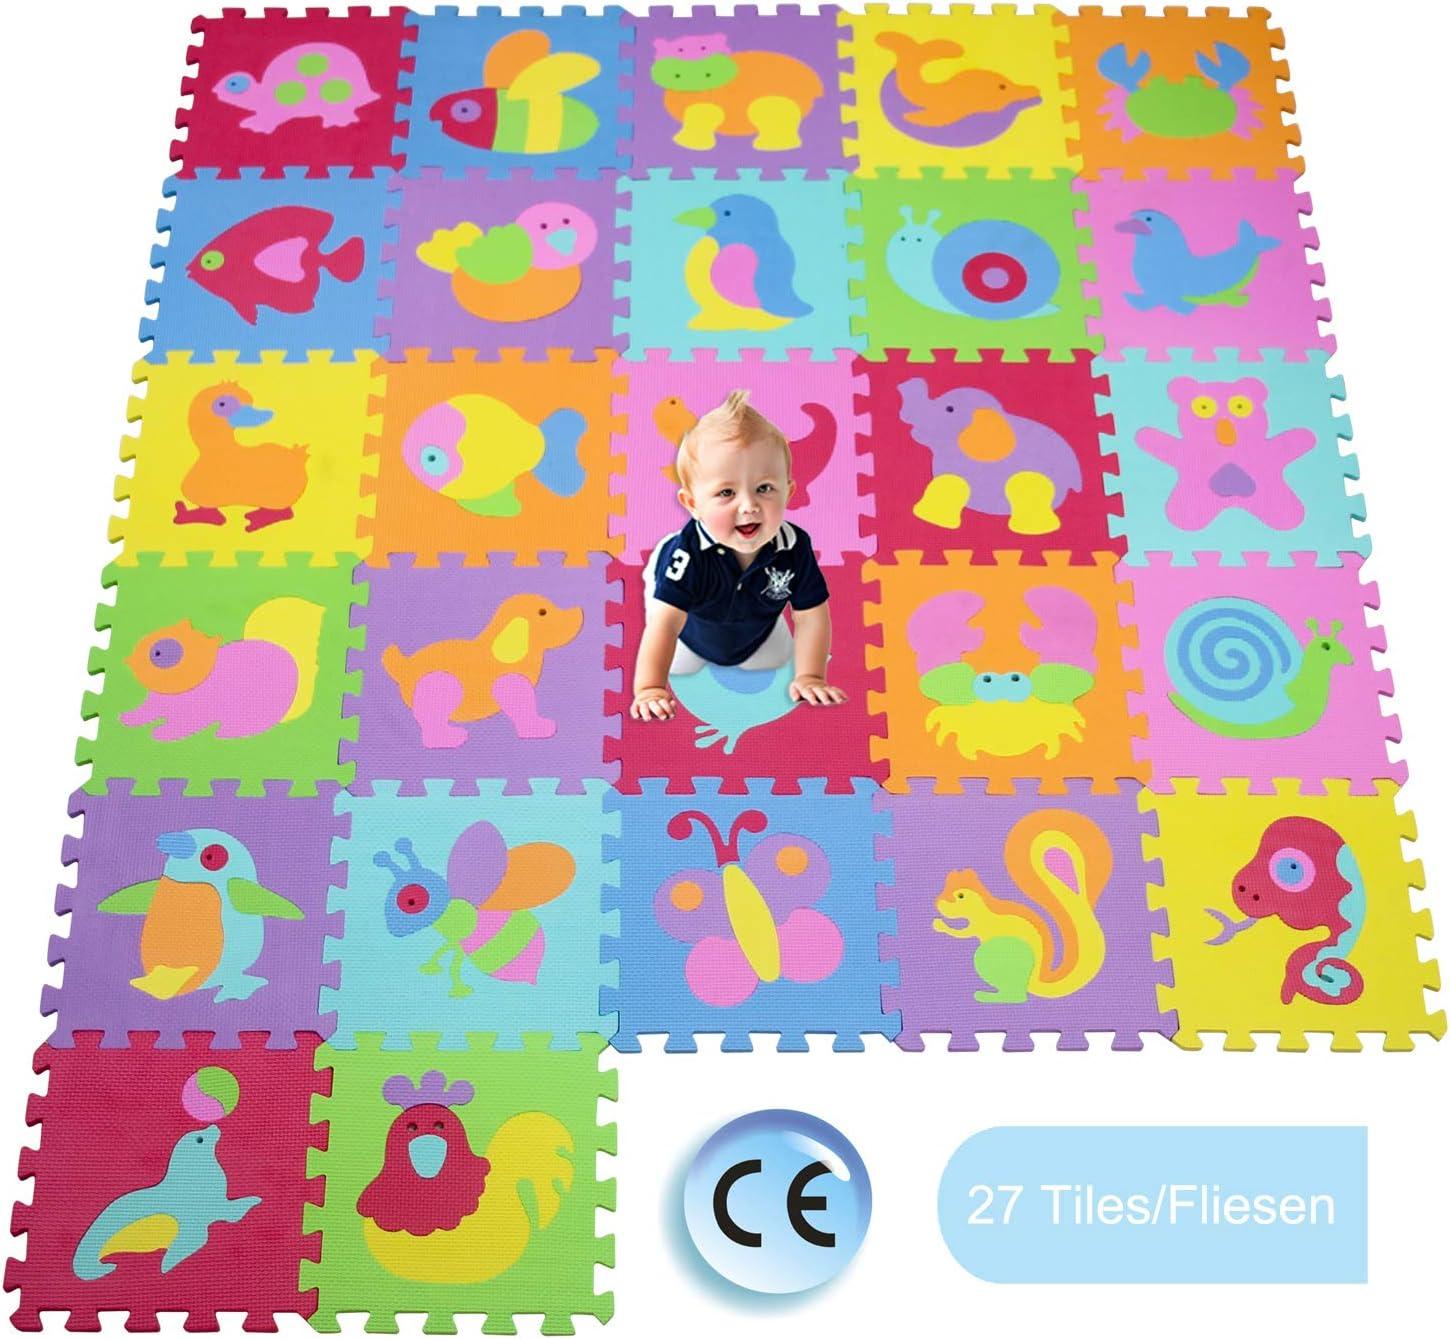 XMTMTD Alfombra Puzle Niños Colchoneta Suave niños Puzzle Play Mat Colorido Suave no tóxico Jigsaw Espuma baldosas de Piso y Juguetes Estera Juego Puzzle para Bebé EVA AMT101419G300927